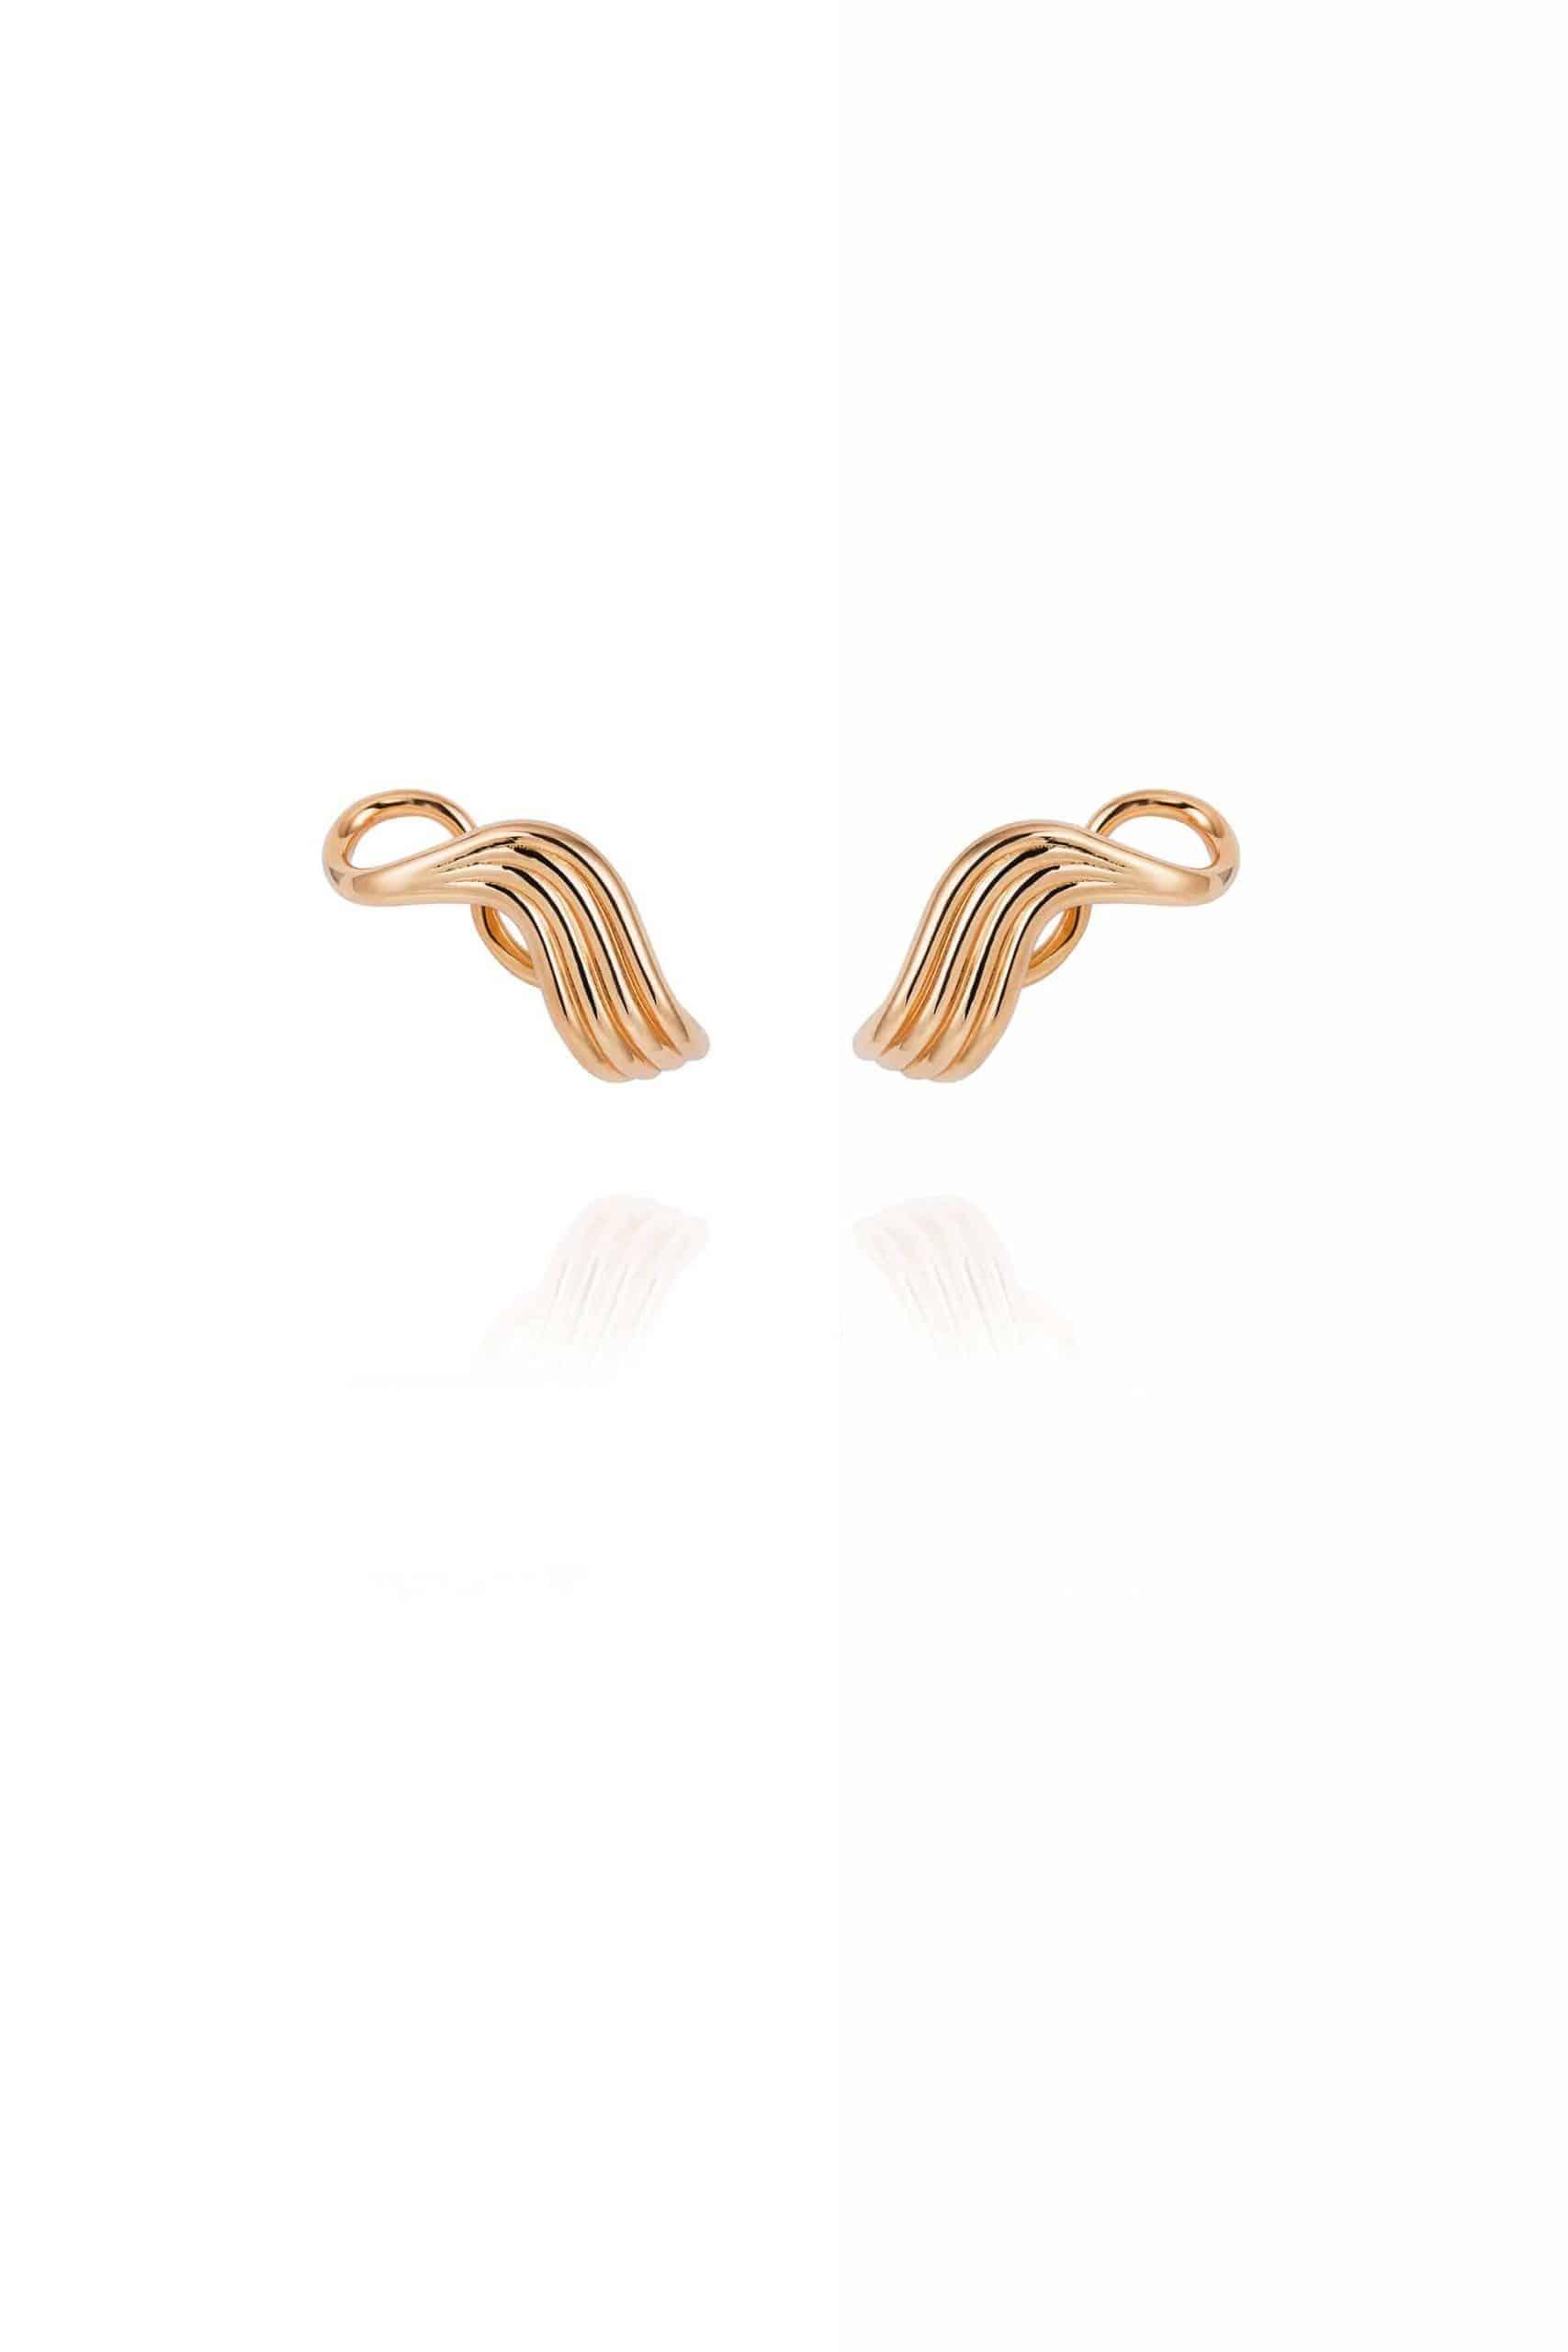 Stream Lines Lobe Earrings